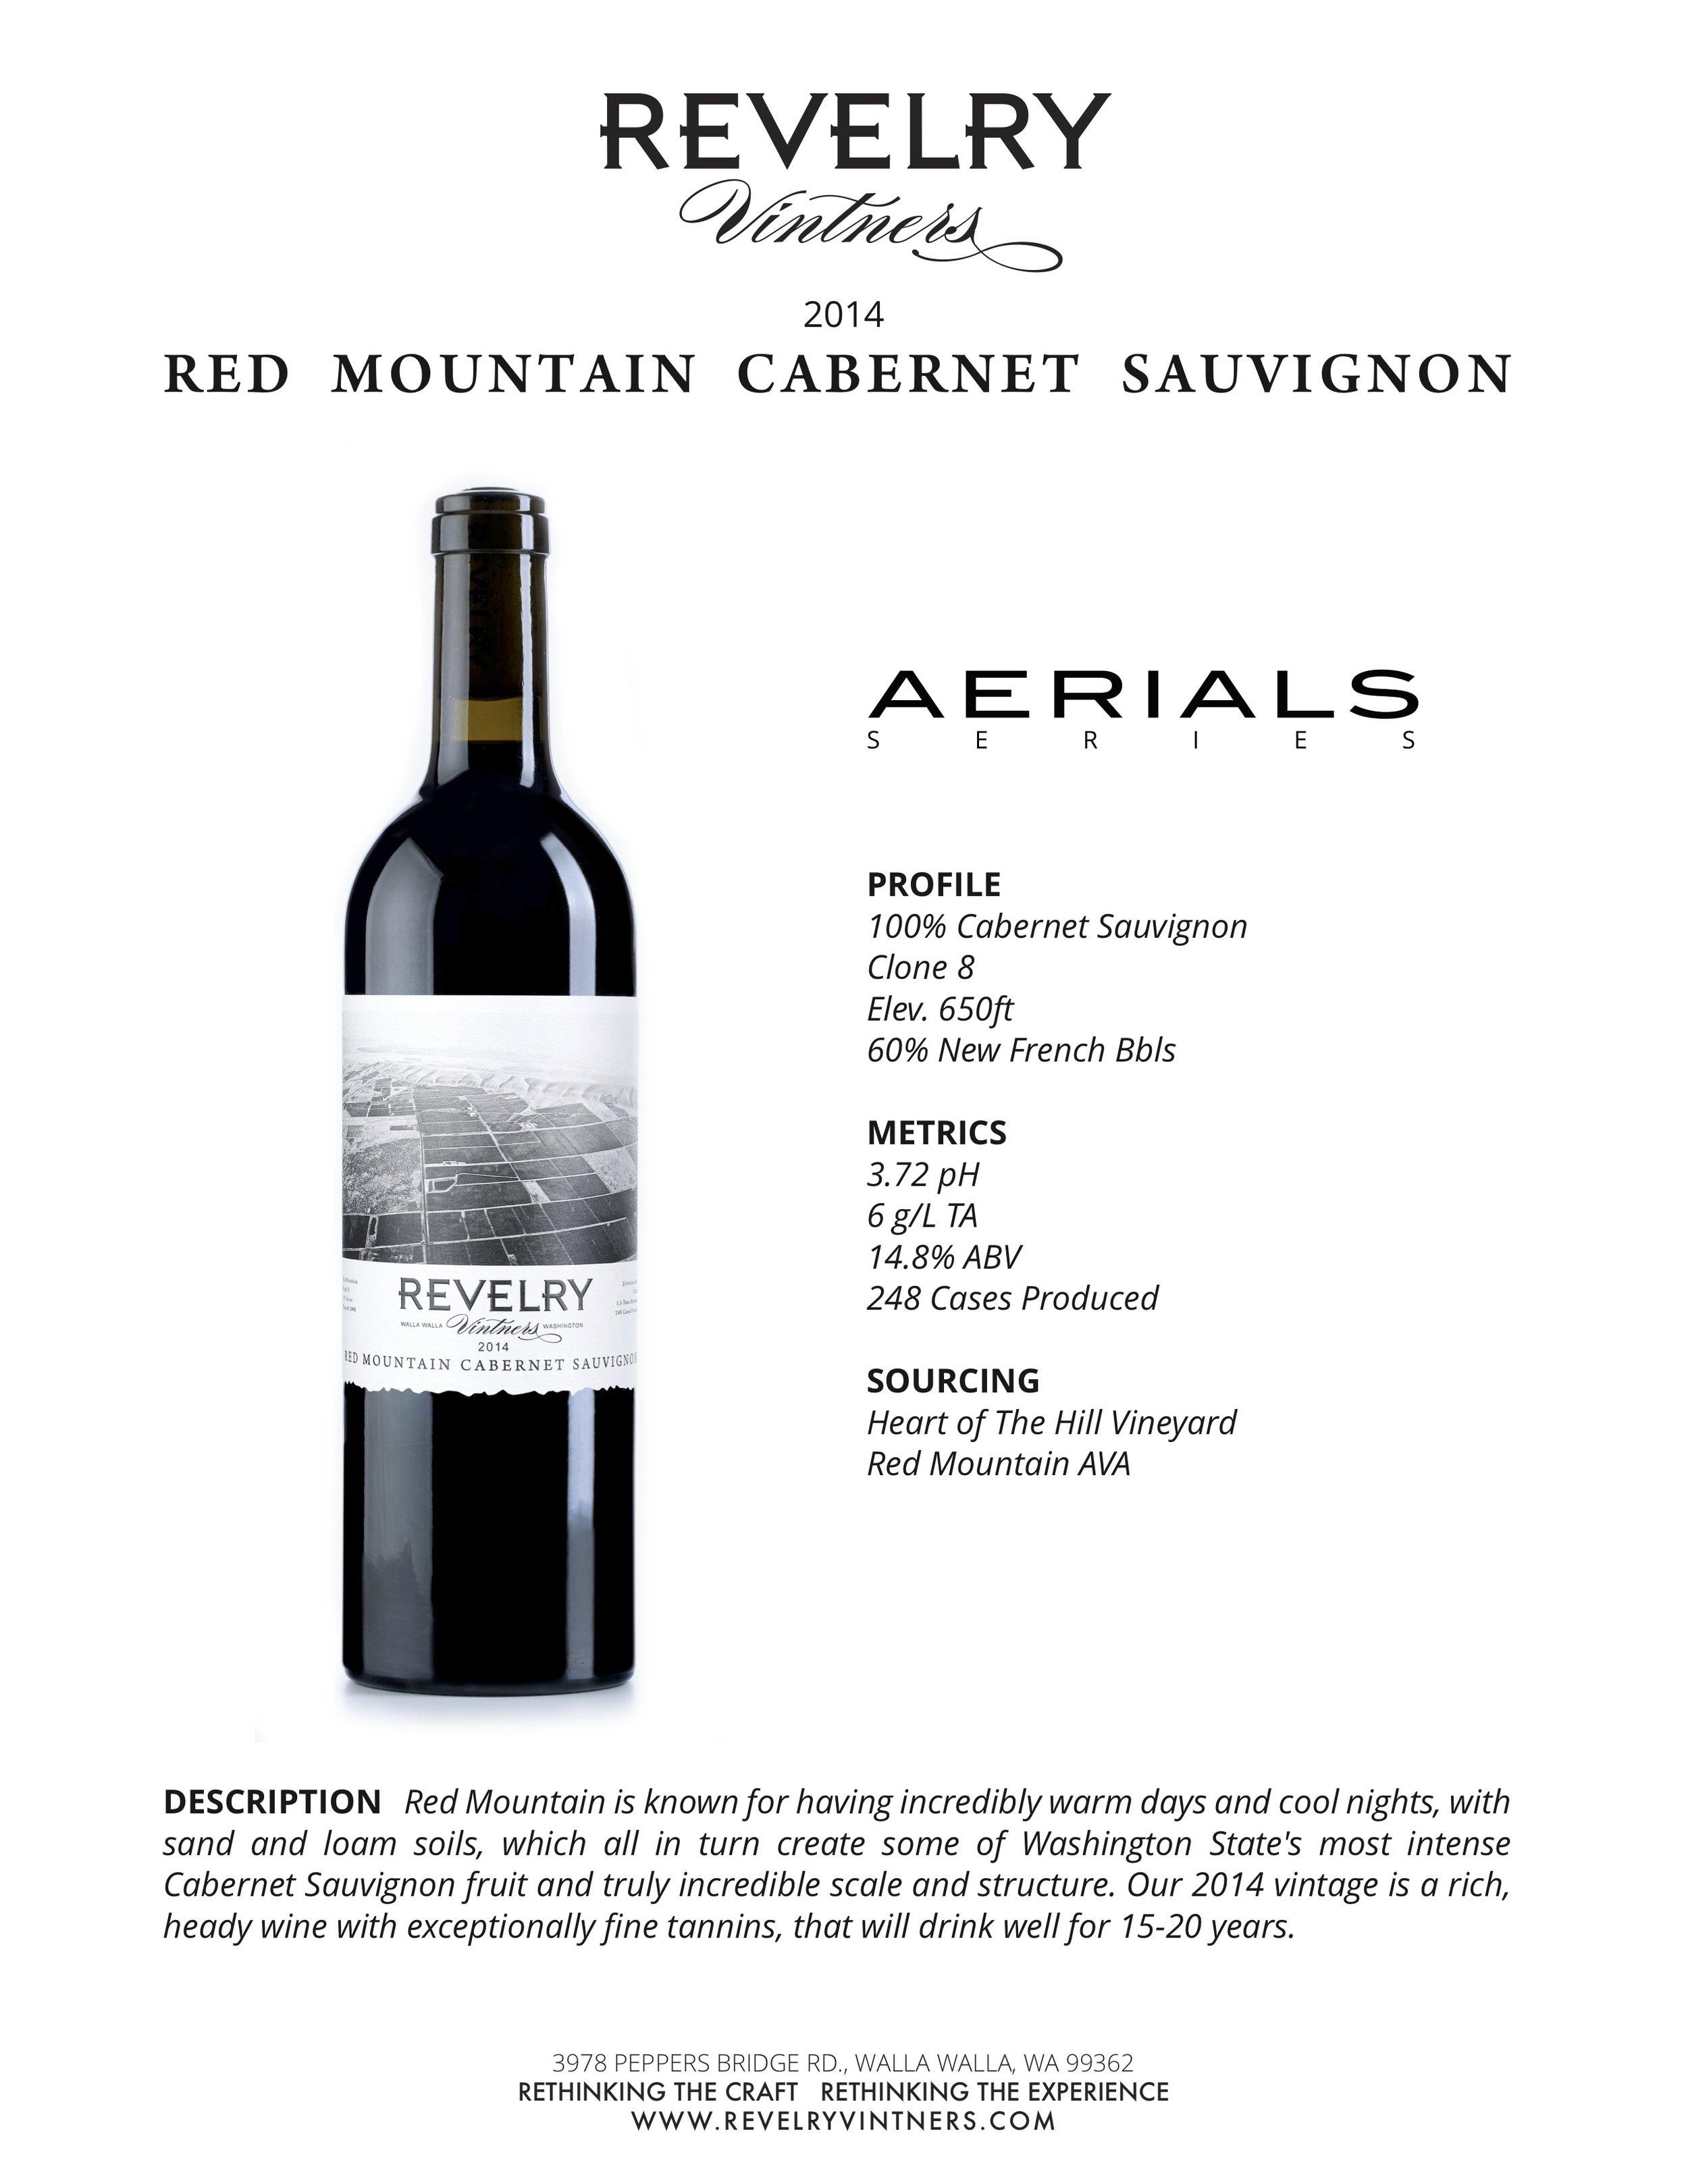 2014 RED MOUNTAIN CABERNET SAUVIGNON